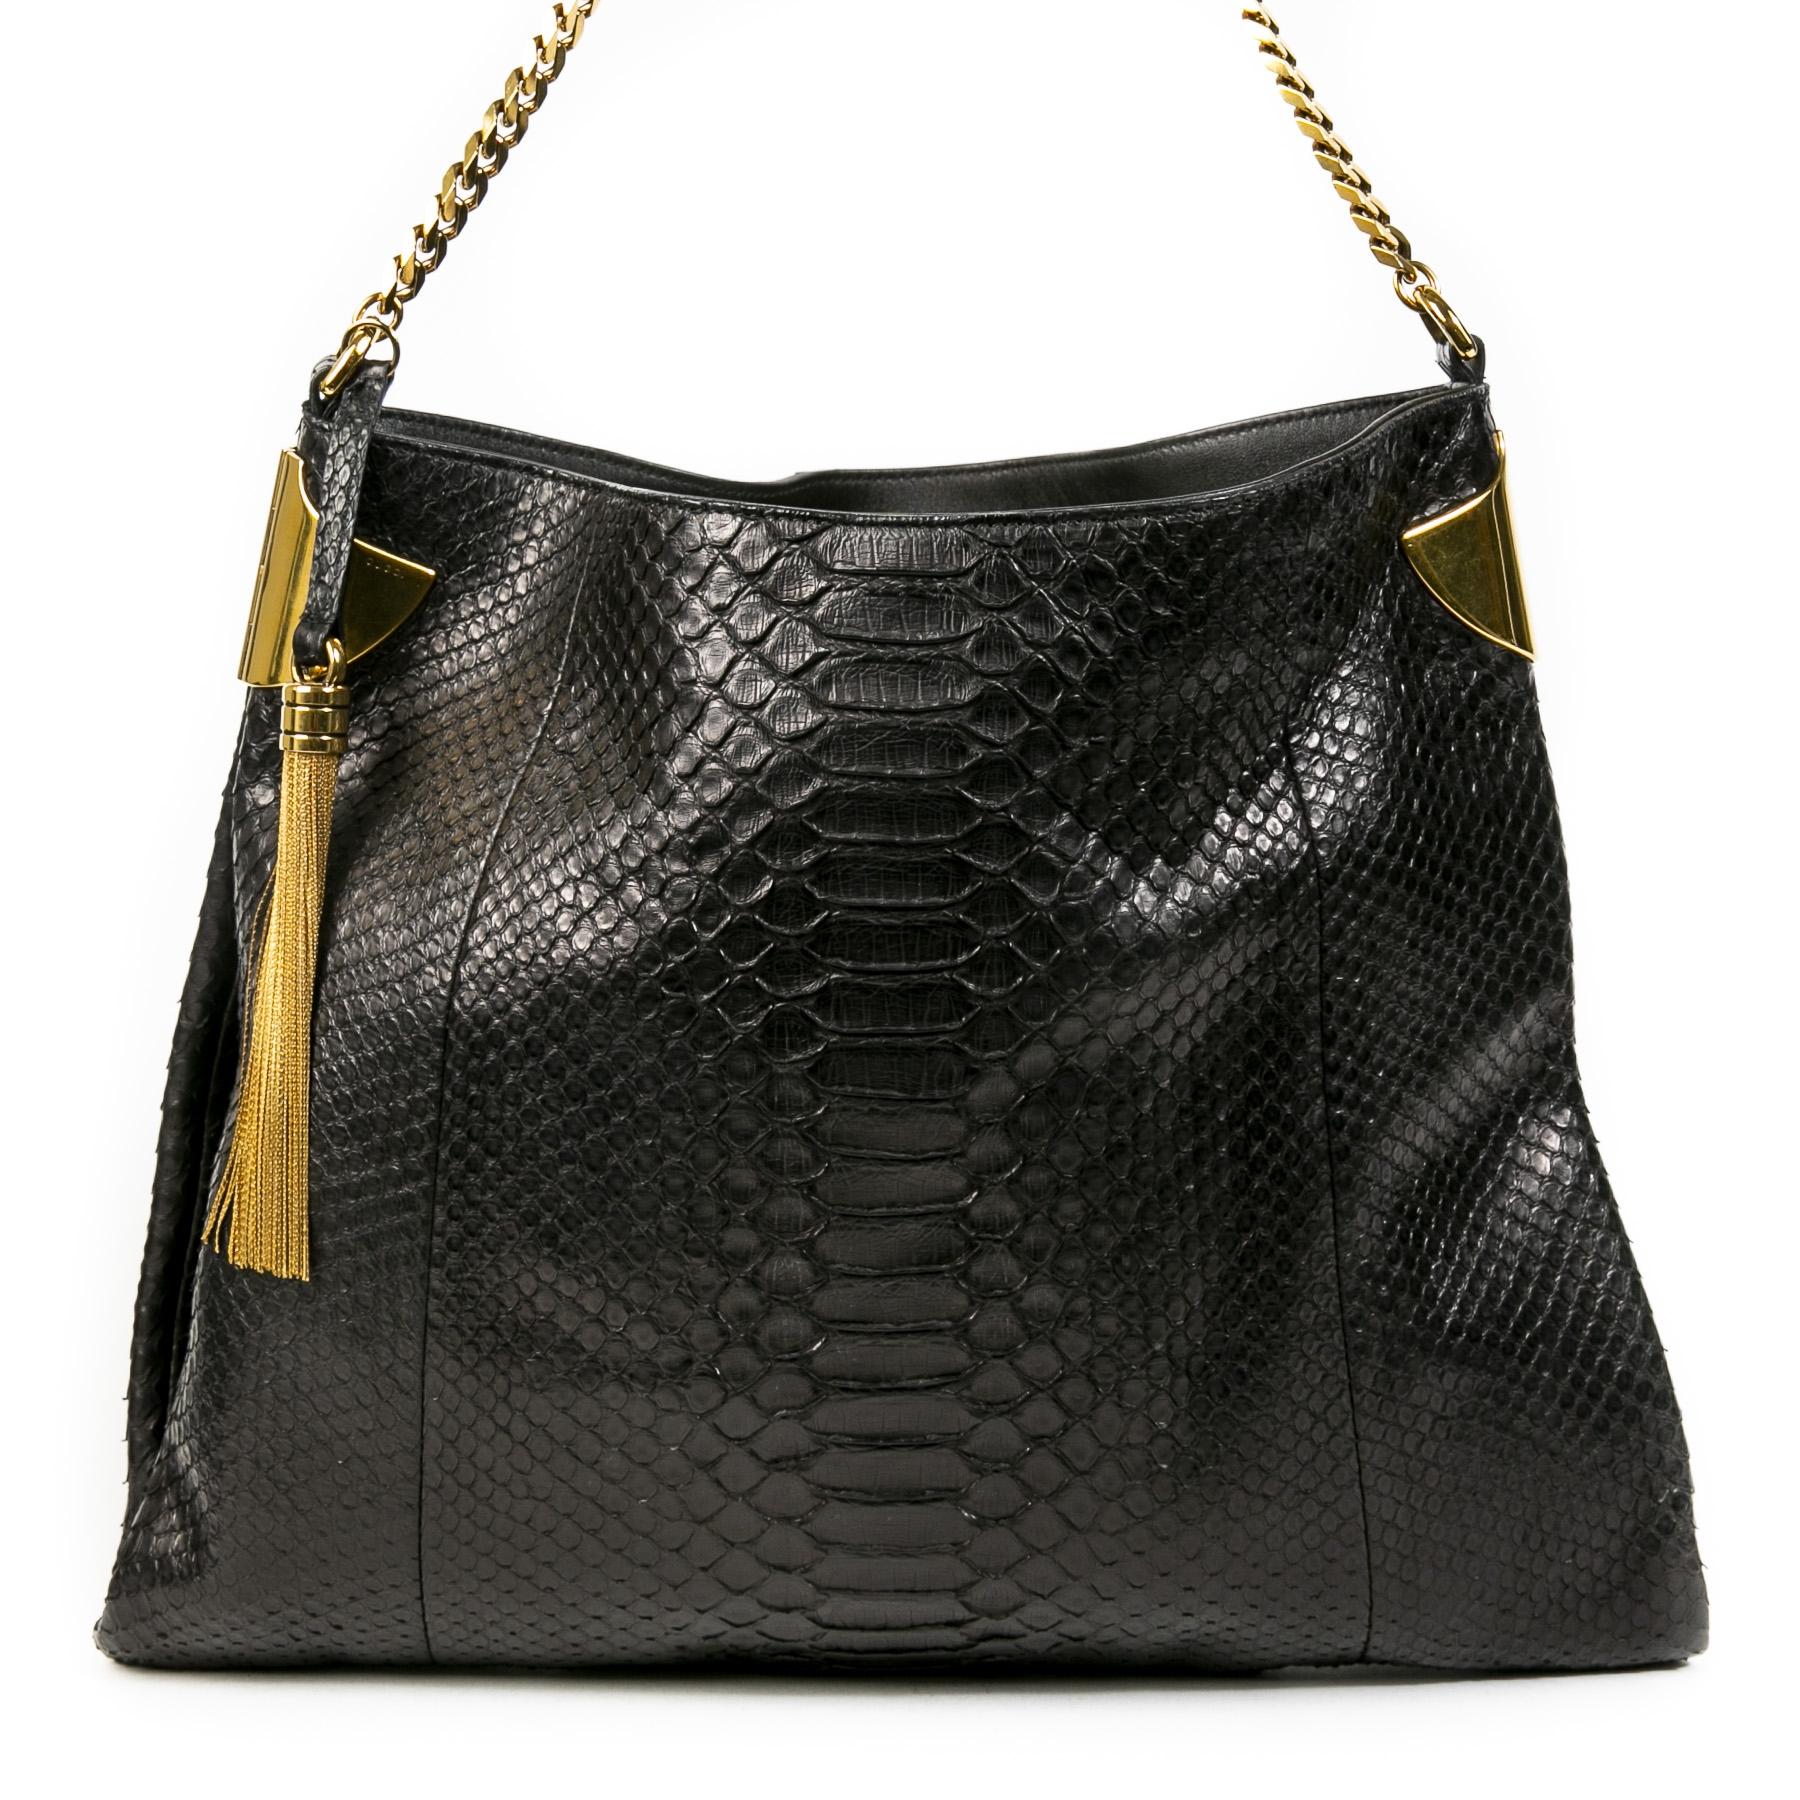 Authentieke Tweedehands Gucci Black Python Shoulder Bag juiste prijs veilig online shoppen luxe merken webshop winkelen Antwerpen België mode fashion